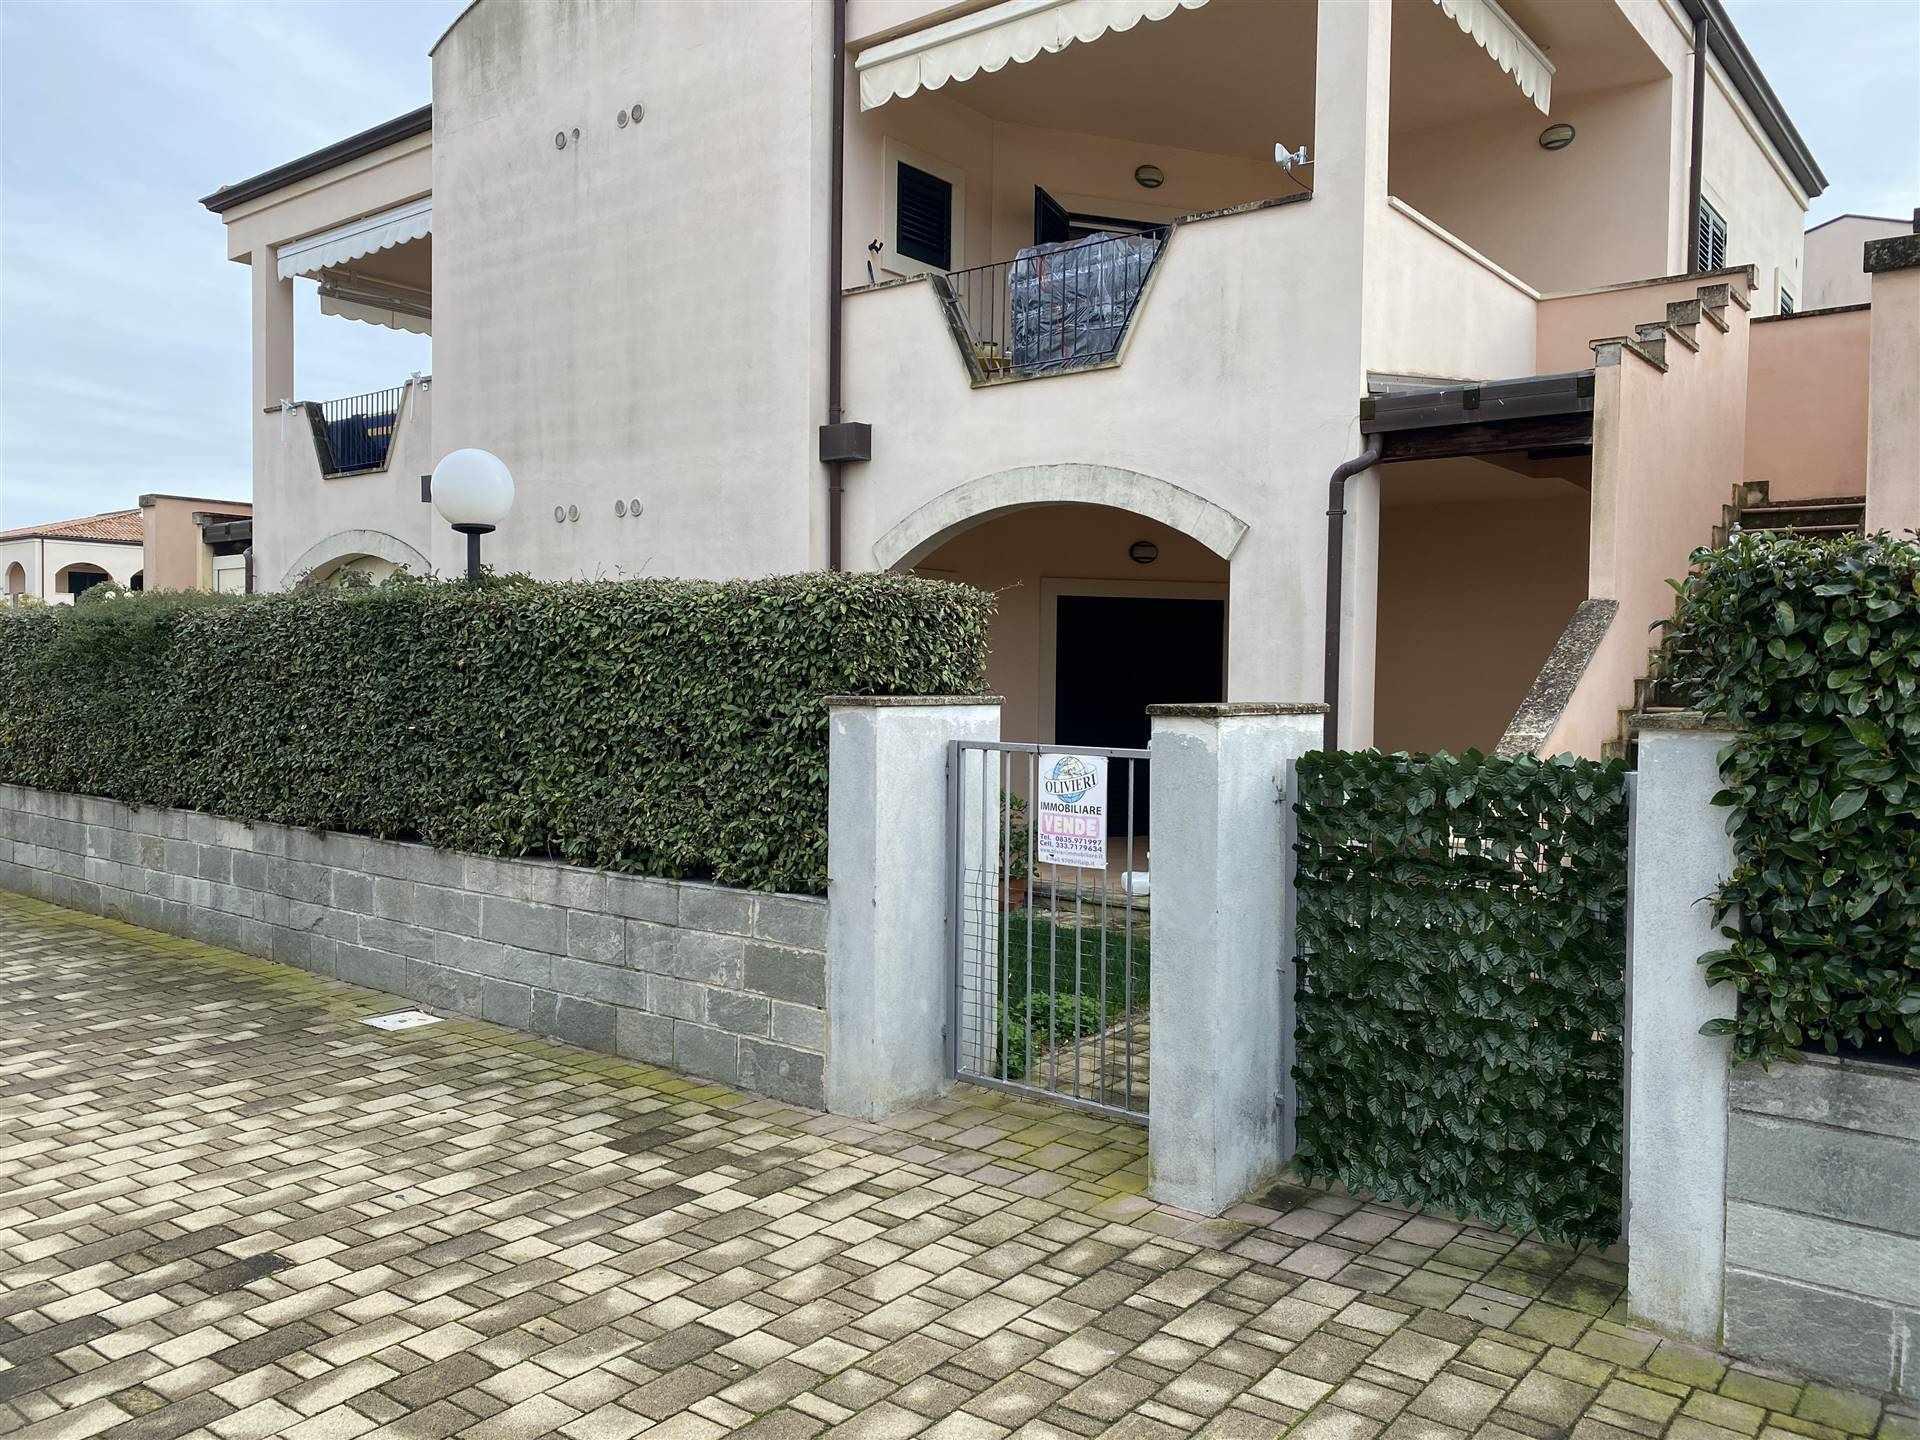 Appartamento in vendita a Policoro, 3 locali, zona Località: LIDO DI POLICORO, prezzo € 128.000 | CambioCasa.it